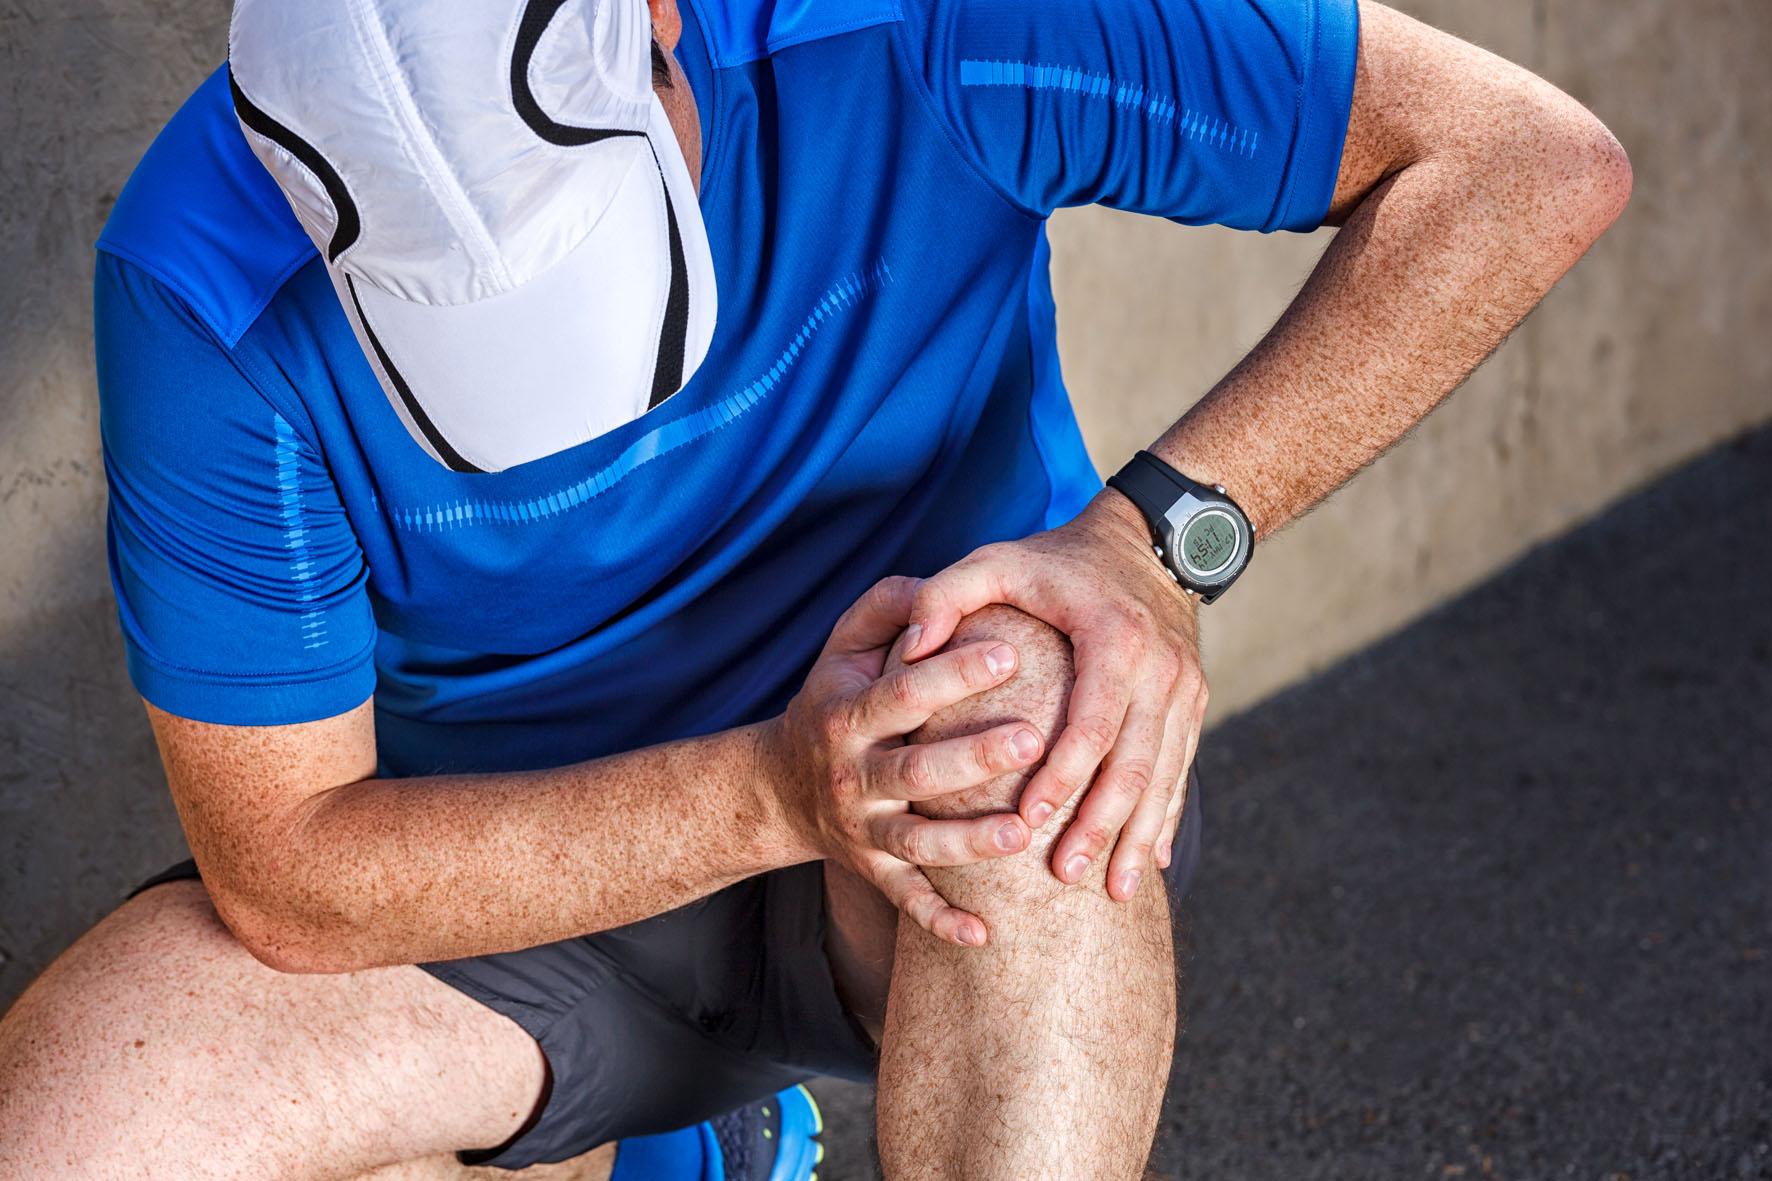 Sportarten mit abrupten Stopps und Richtungsänderungen wie Squash, Tennis oder Fußball fordern besonders den Halteapparat des Kniegelenks. Foto: djd/CH-Alpha Sport/Fotolia-Dmytro Panchenko